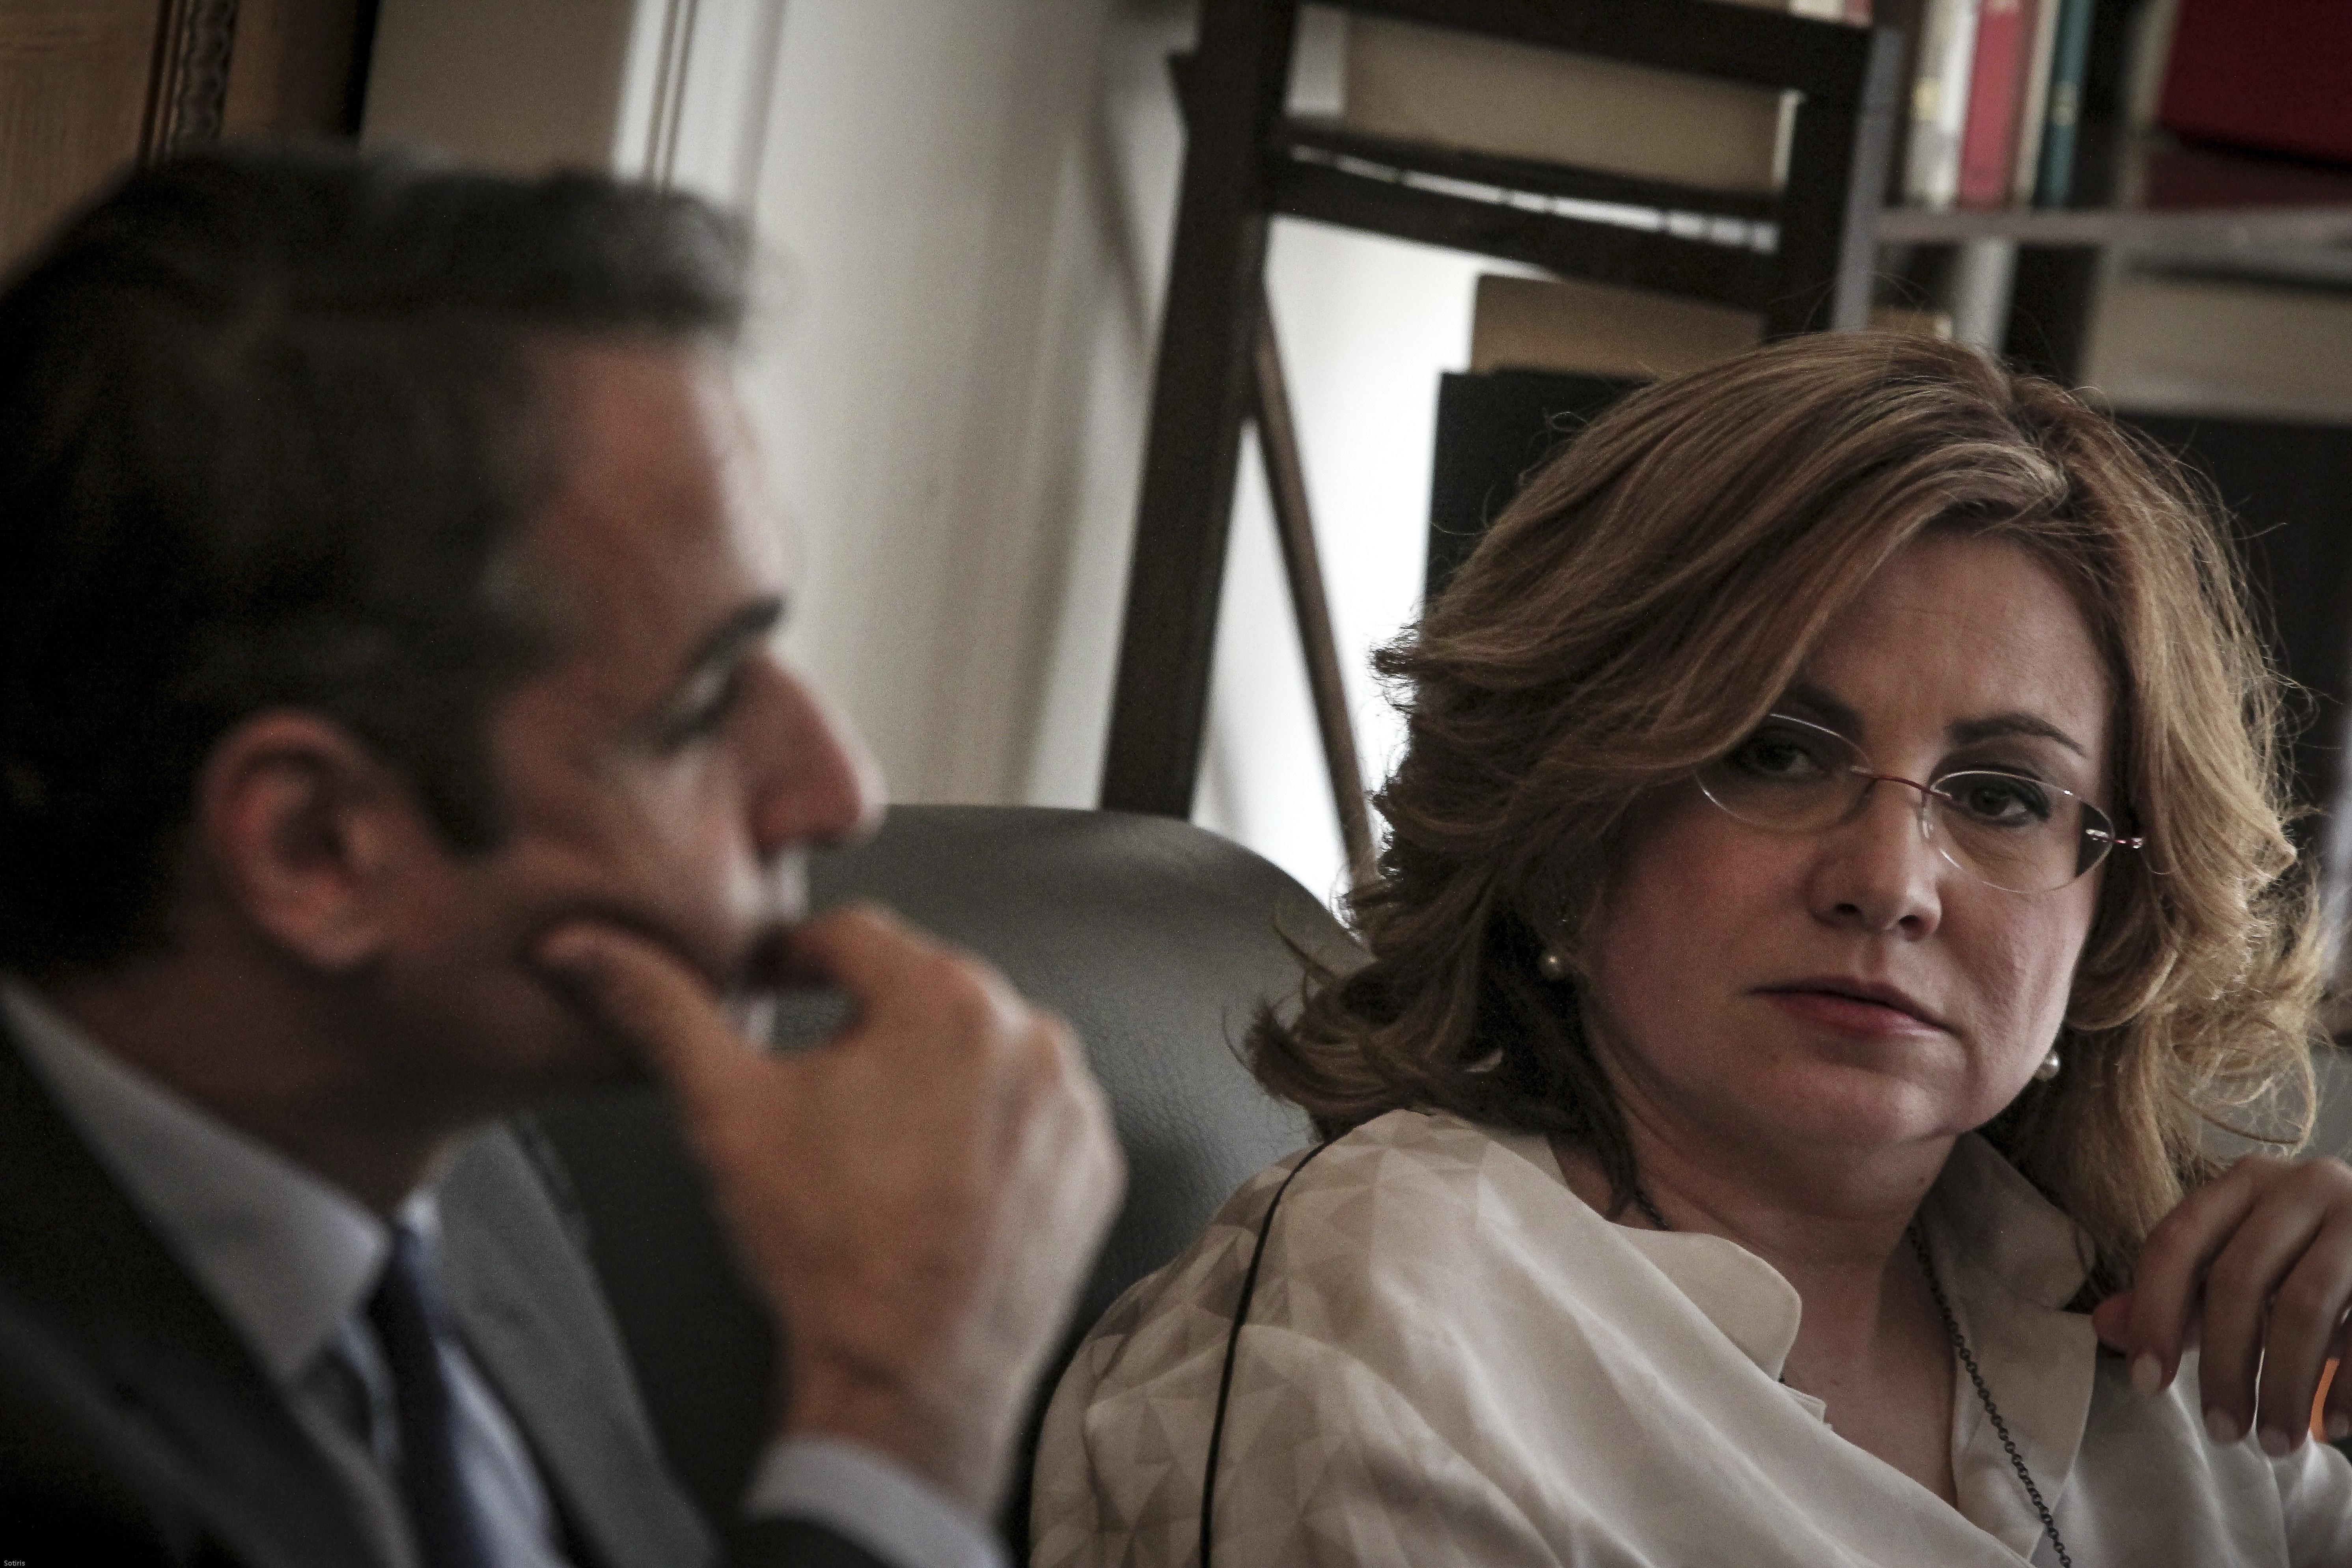 Σκληρή κόντρα μετά το δημοσίευμα της FAZ για δύο άγνωστες συναντήσεις Σπυράκη -